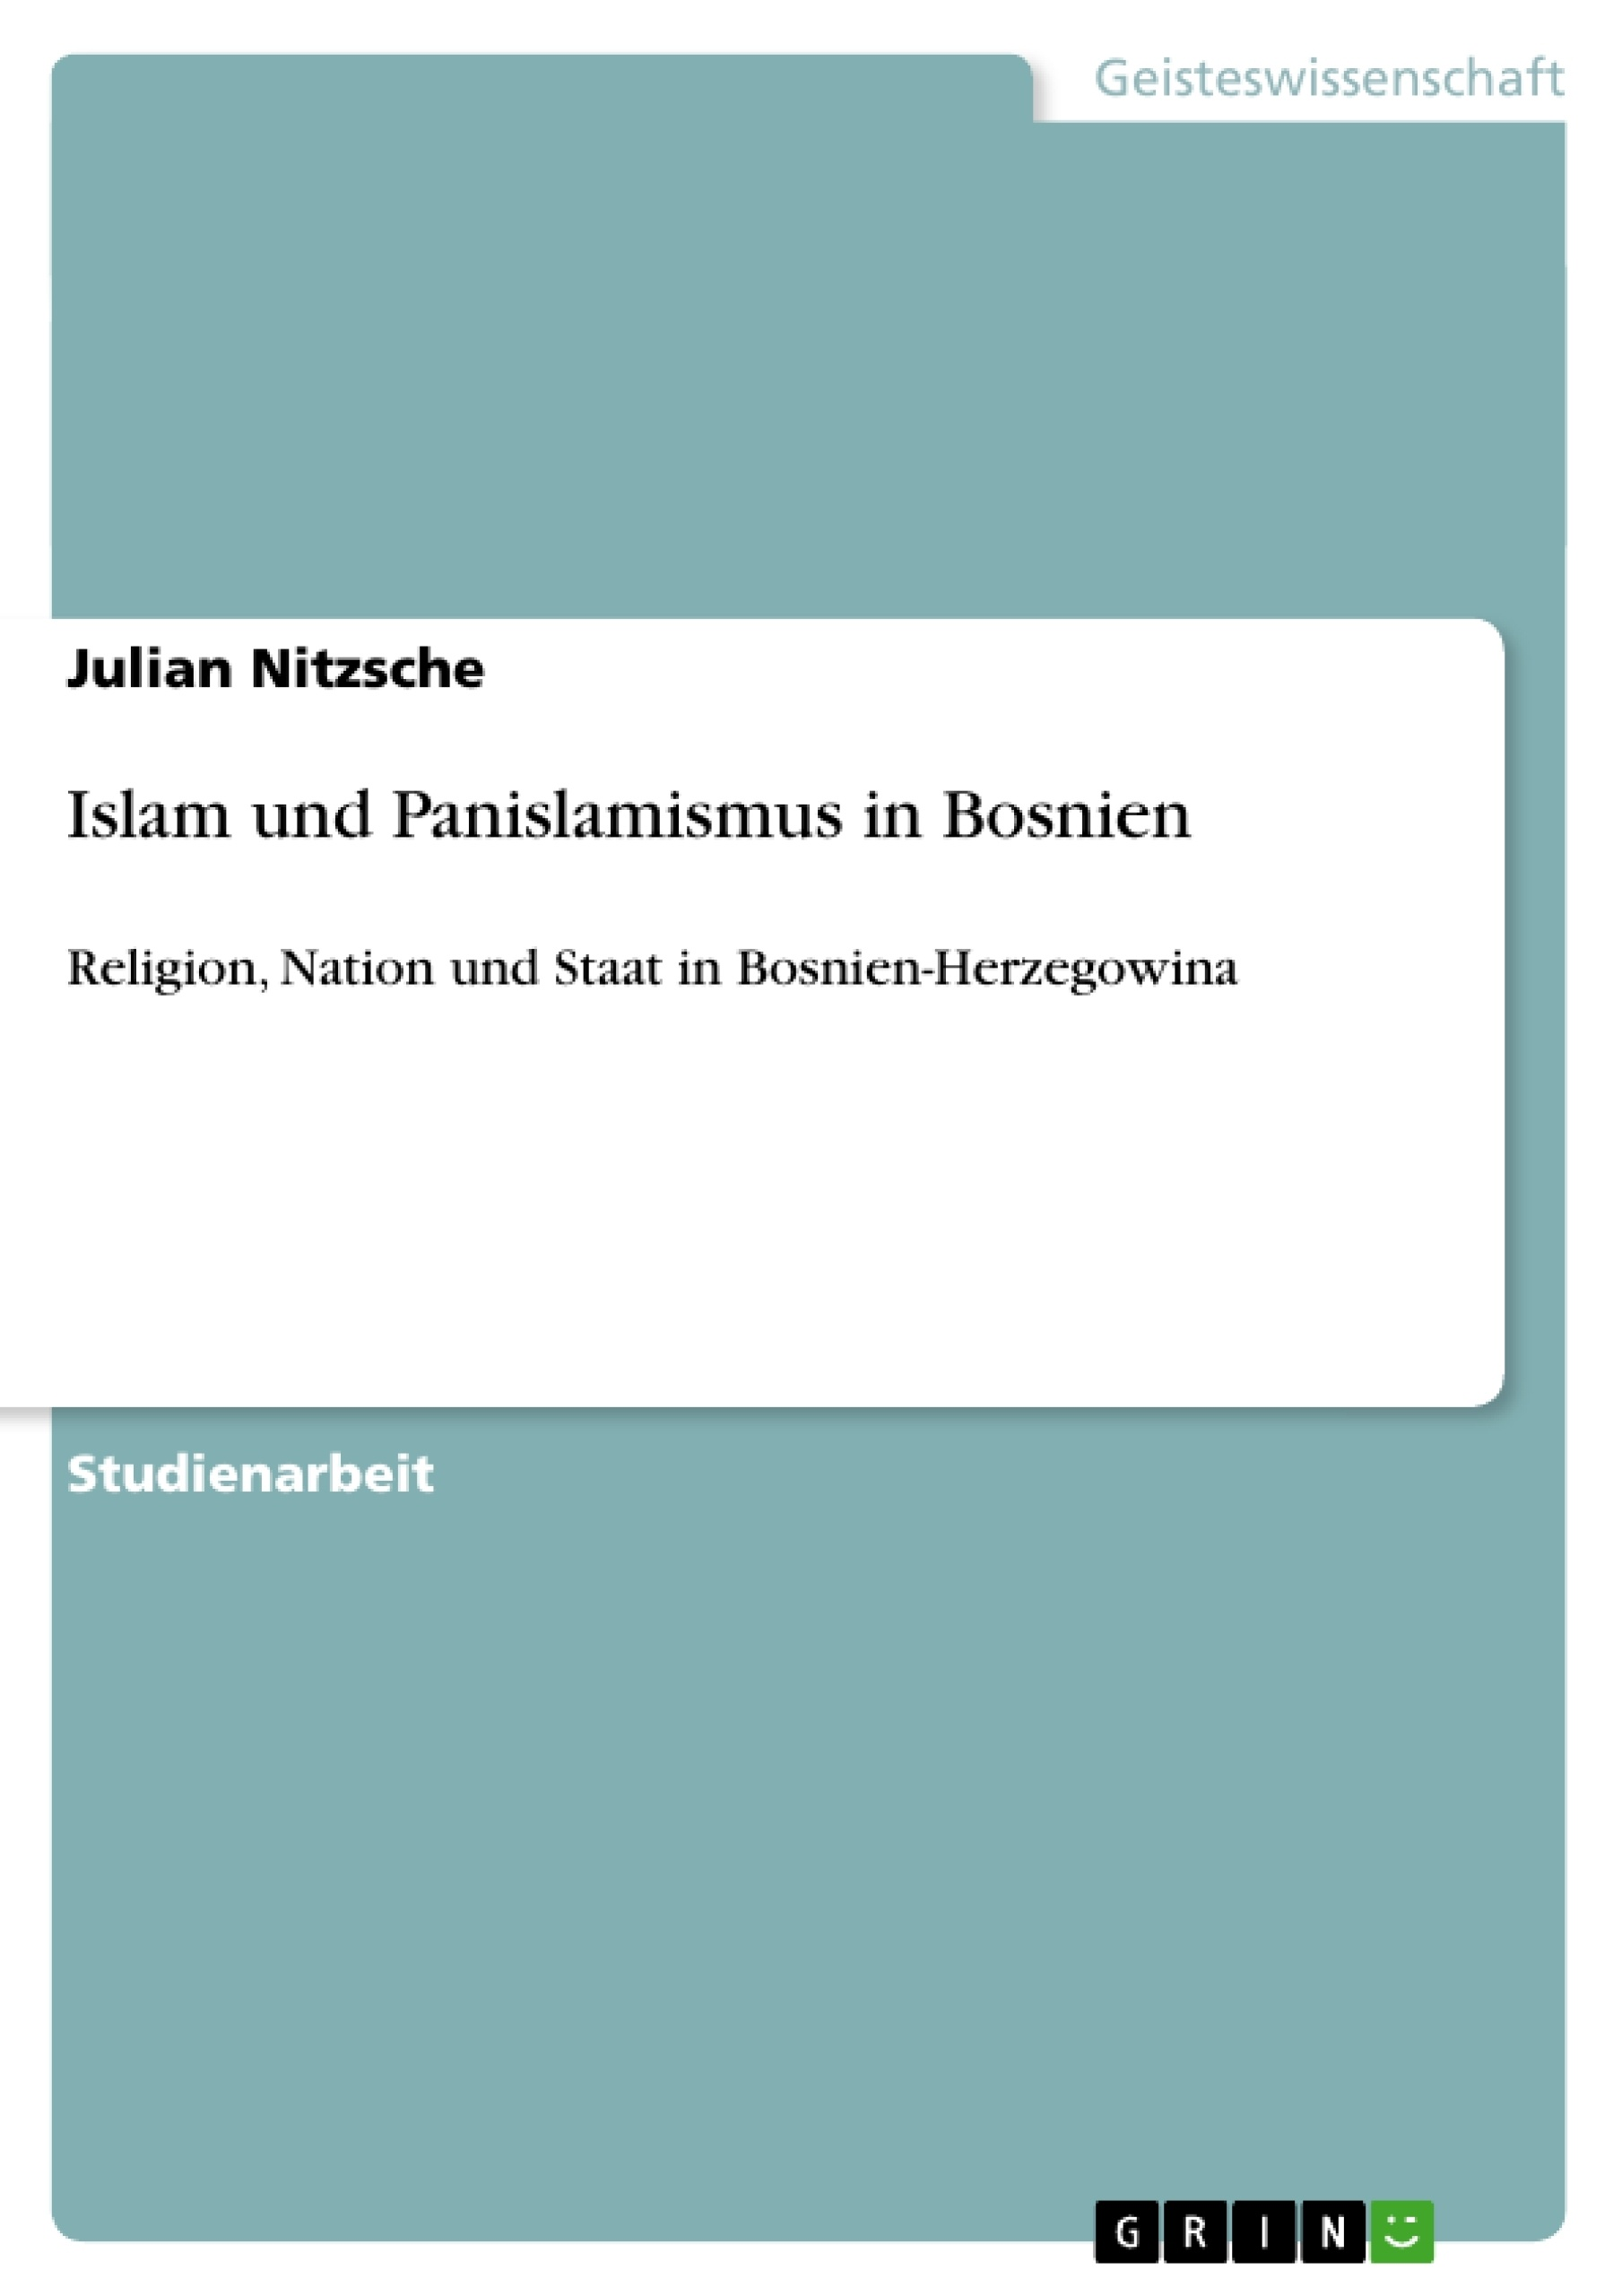 Titel: Islam und Panislamismus in Bosnien